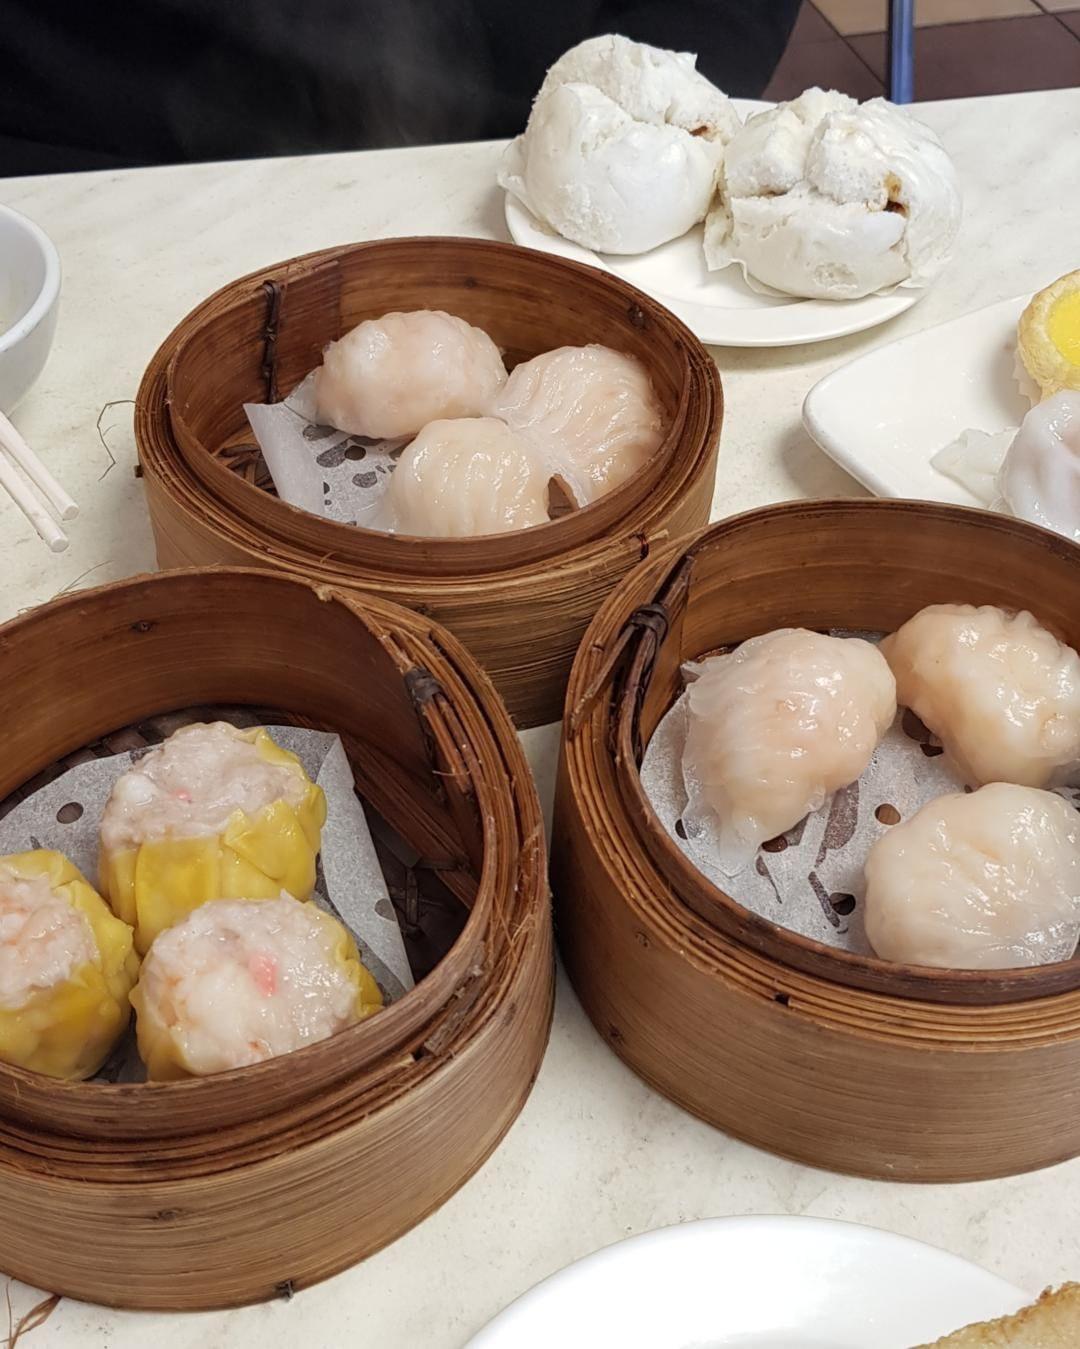 Nằm lòng 7 món ăn vặt siêu hấp dẫn cho team du lịch quét sập Hong Kong - Ảnh 4.